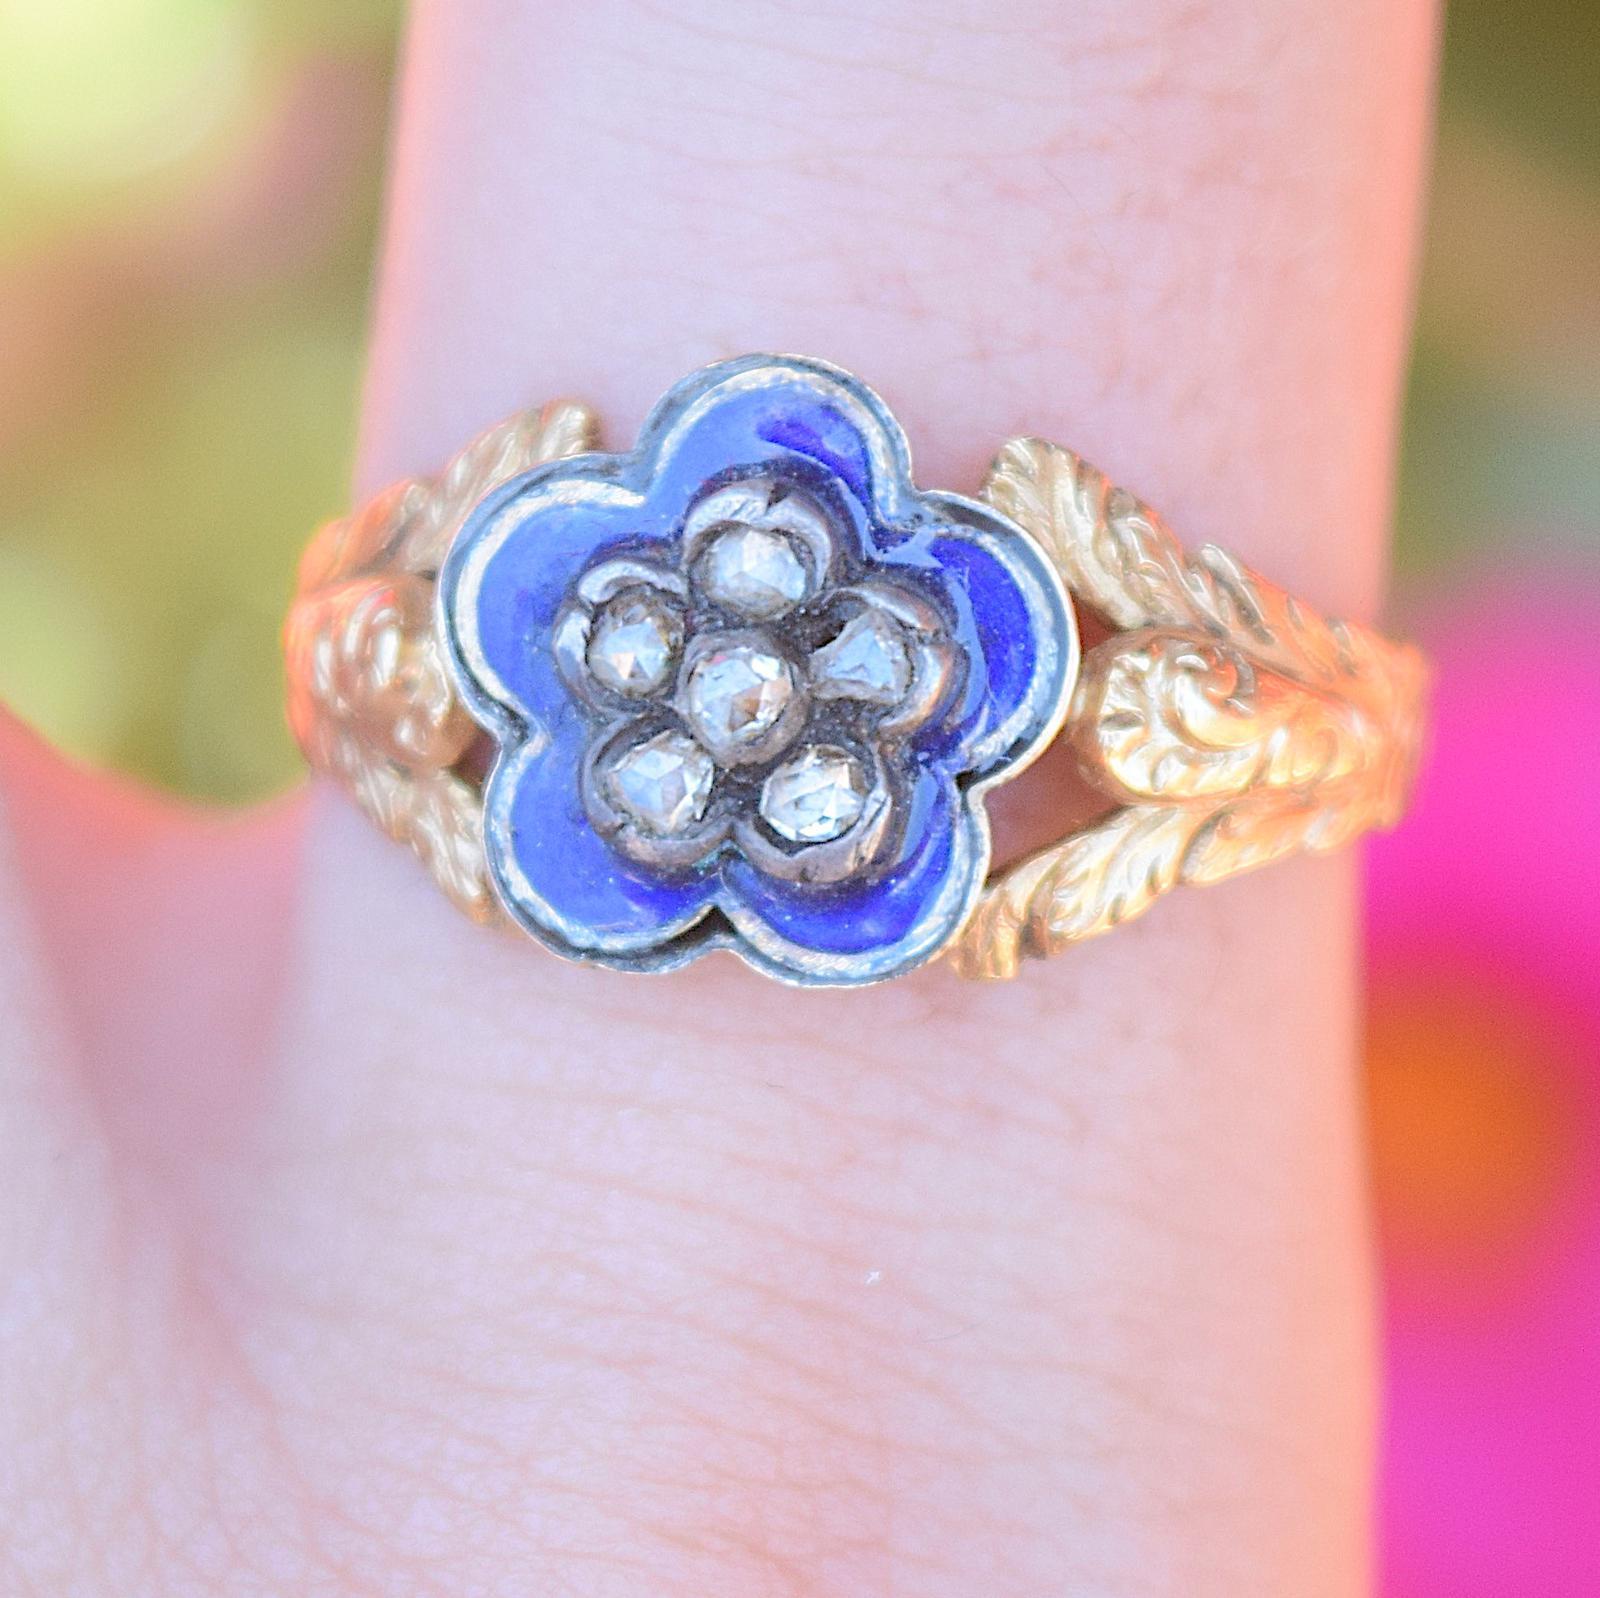 טבעת נהדרת עתיקה עם יהלומים ואמייל כחול.